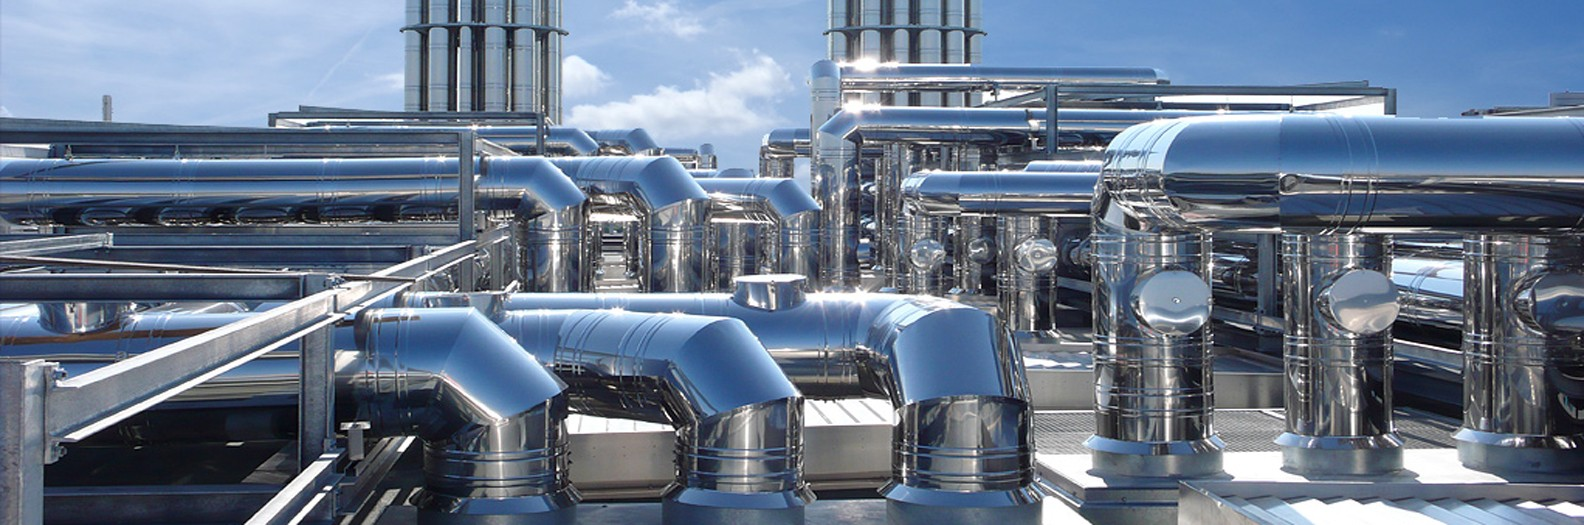 jc industriales lima DUCTOS INDUSTRIALES EN LIMA